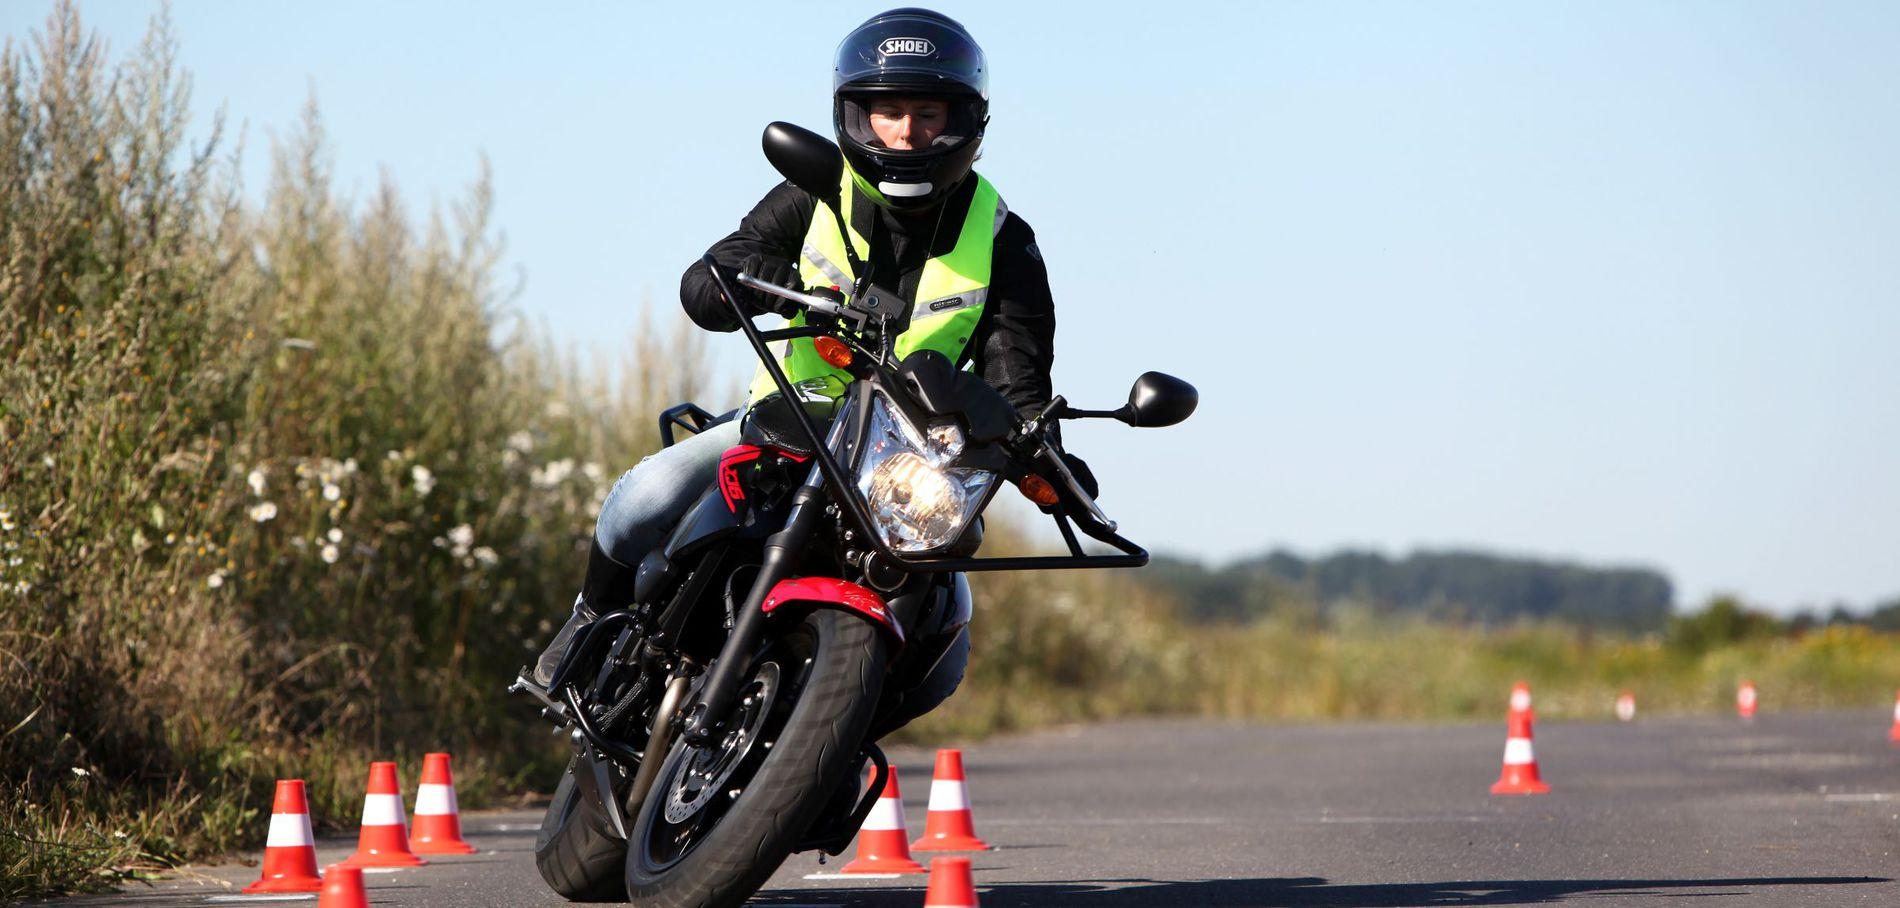 Moto : Je suis une grande fan de moto, je vous parle de ma passion et de mon hobby